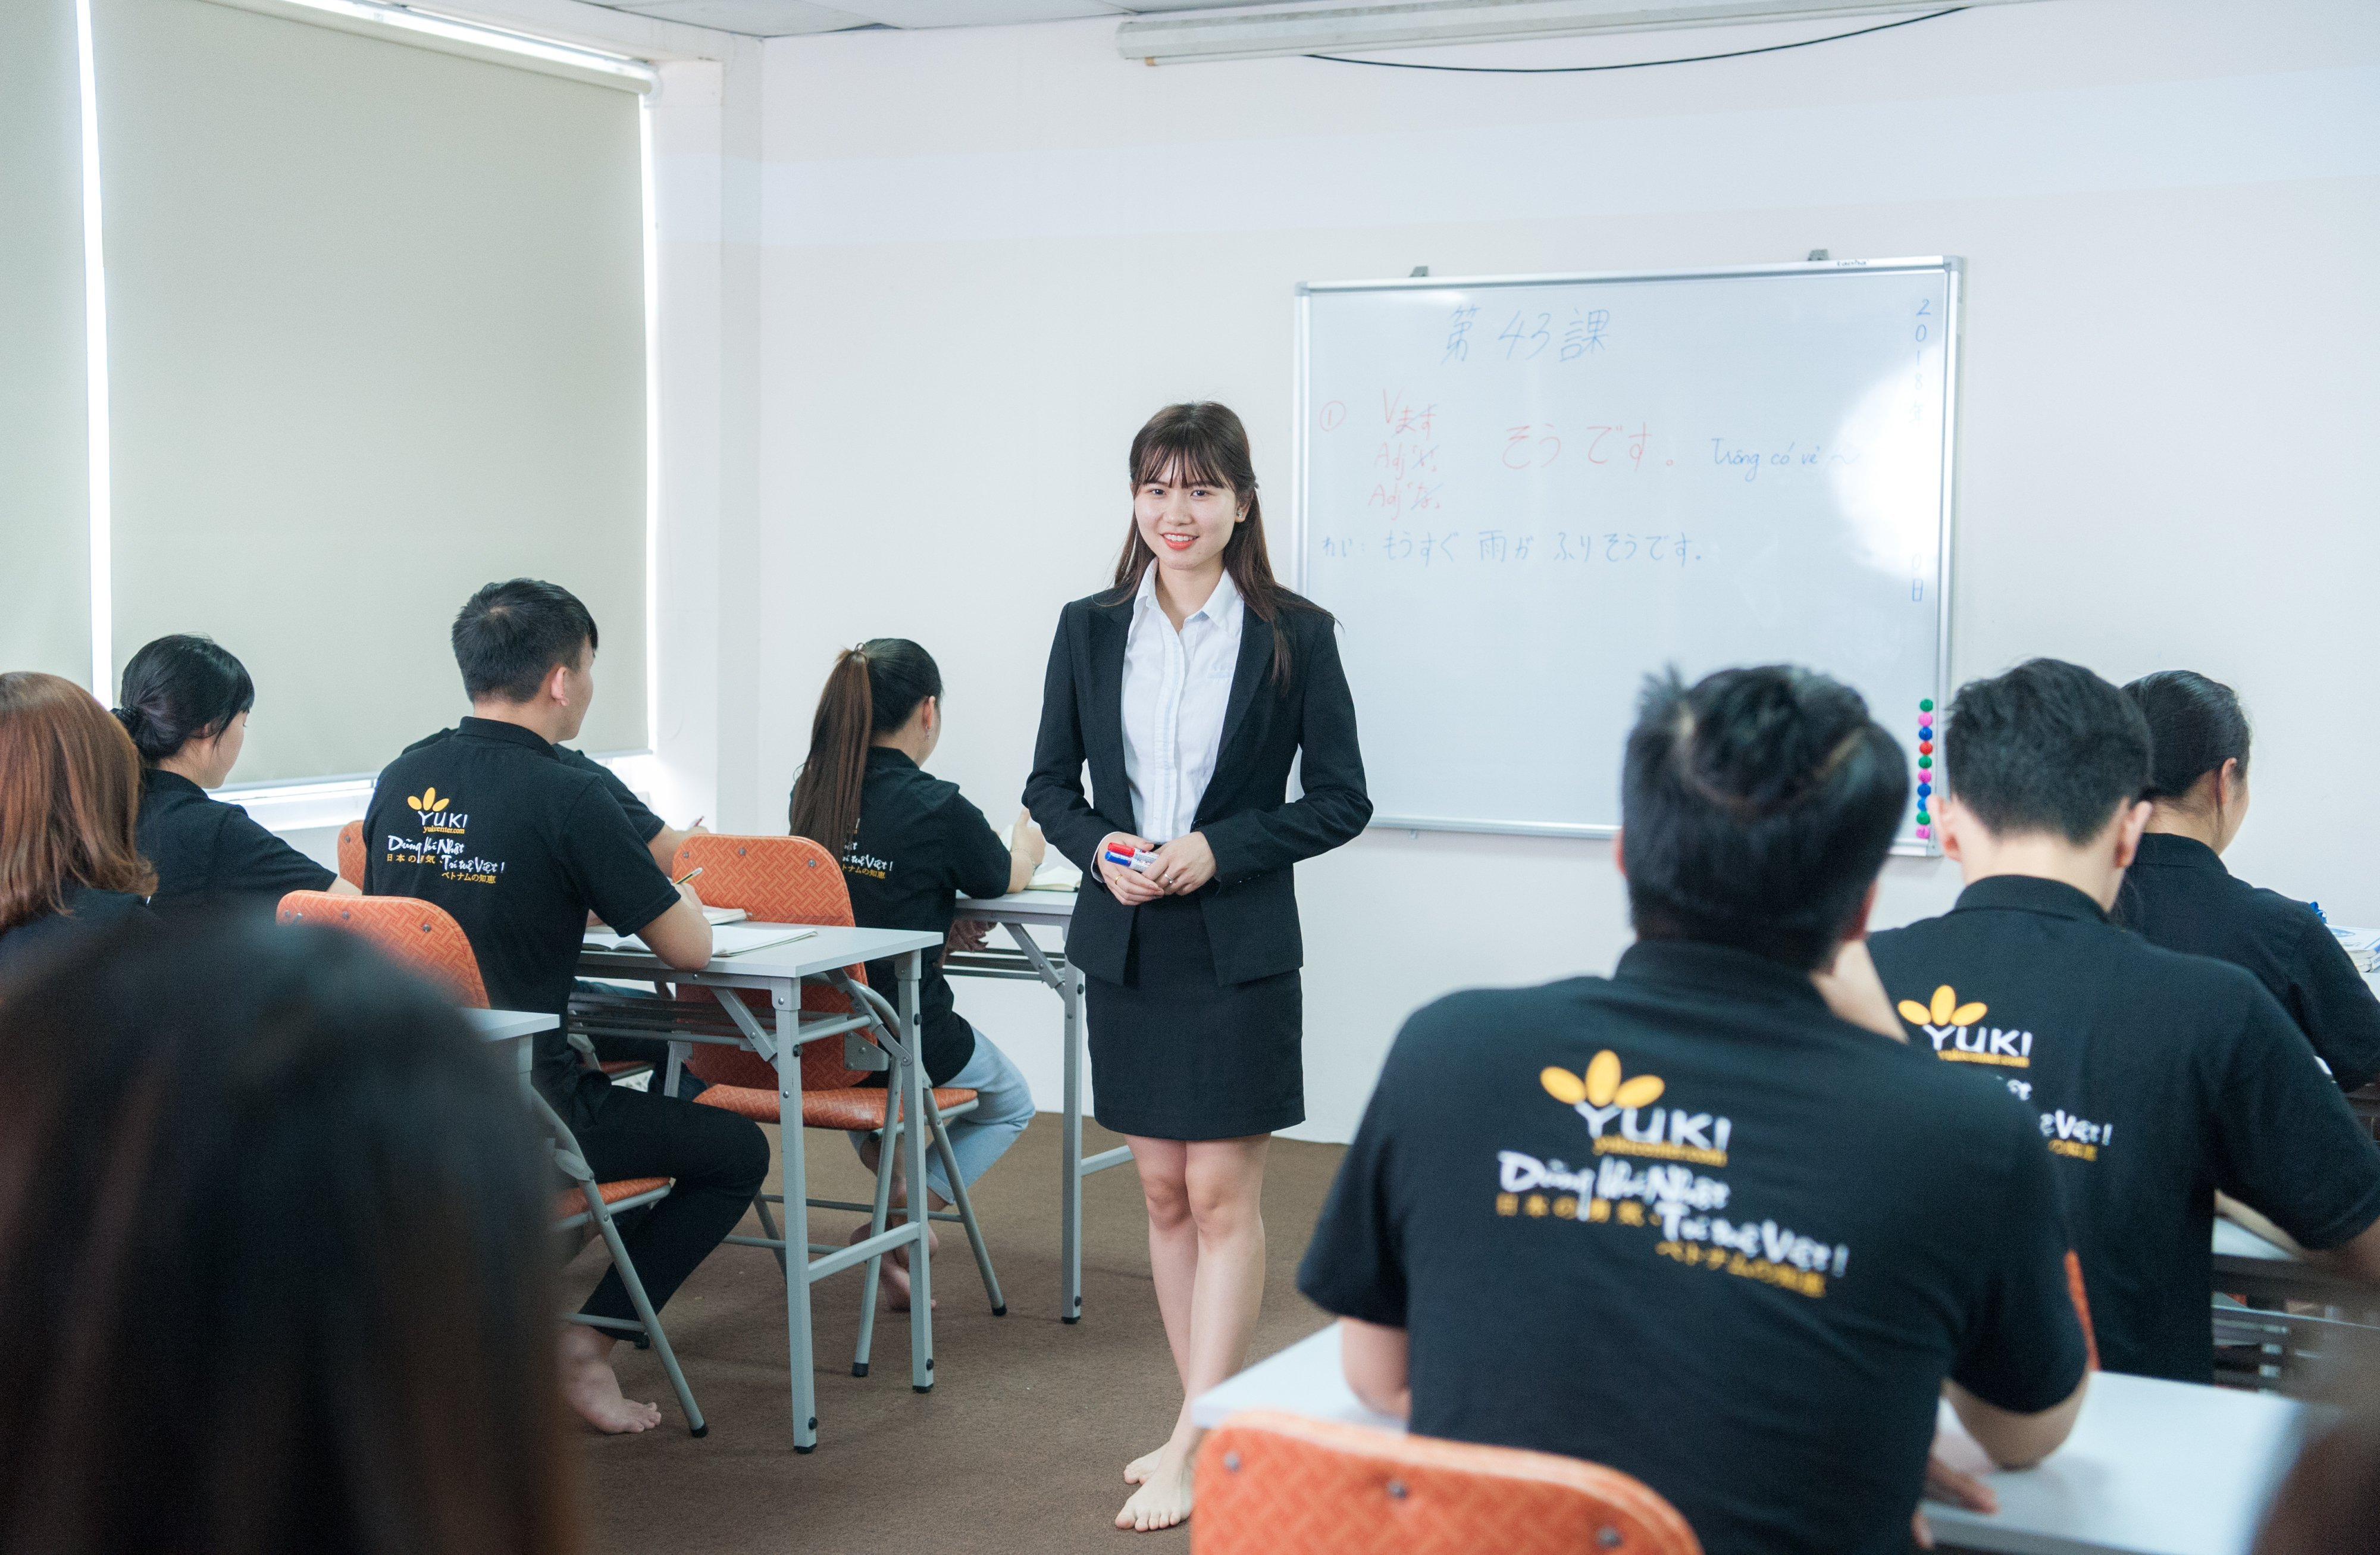 Học tiếng nhật cấp tốc n4 ở đâu tại Hà Nội?5